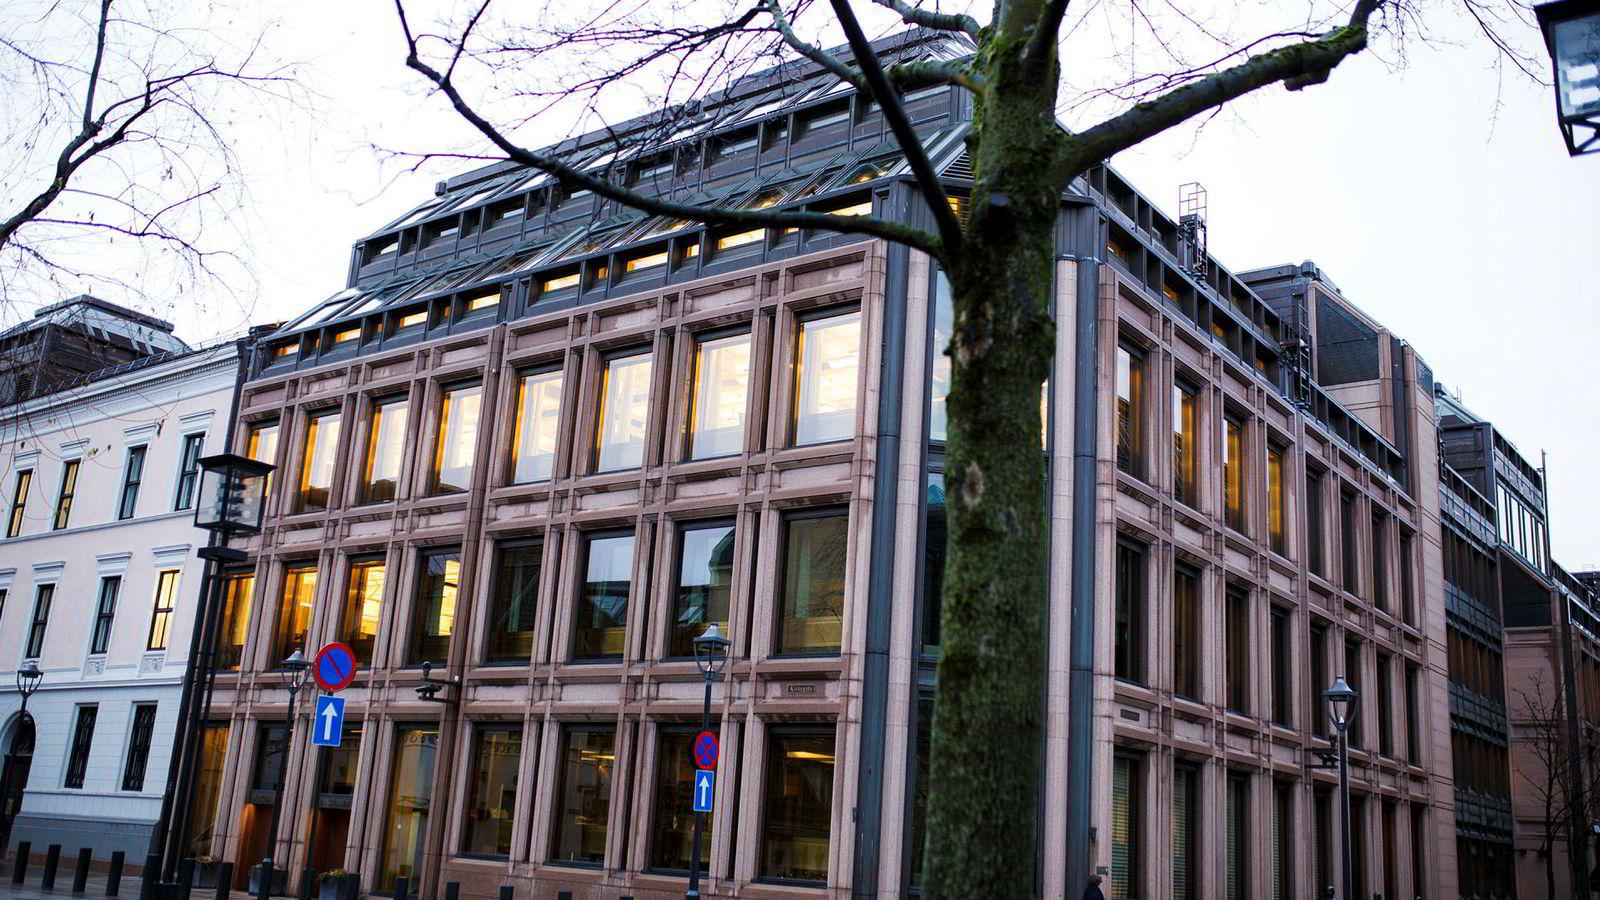 Norges Bank planlegger å heve styringsrenten i mars. Deretter ser sentralbanken for seg ytterligere fem rentehevinger innen utgangen av 2021.